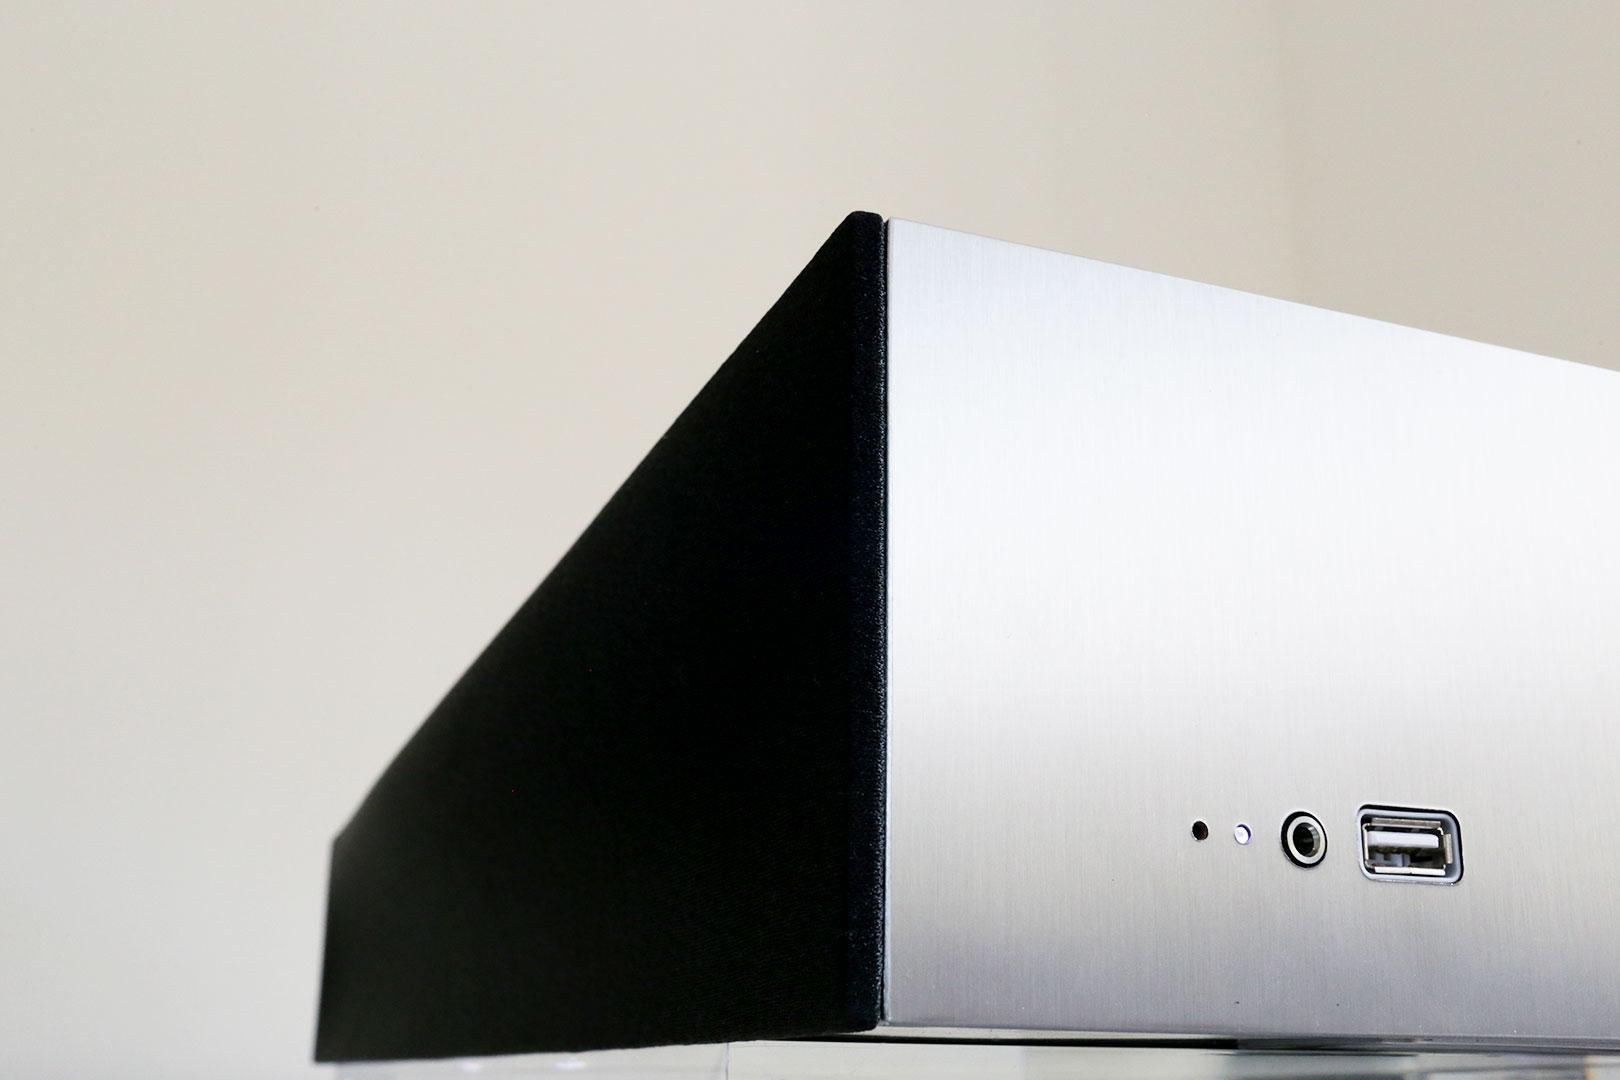 Mu-So Musiksystem Anschlüsse